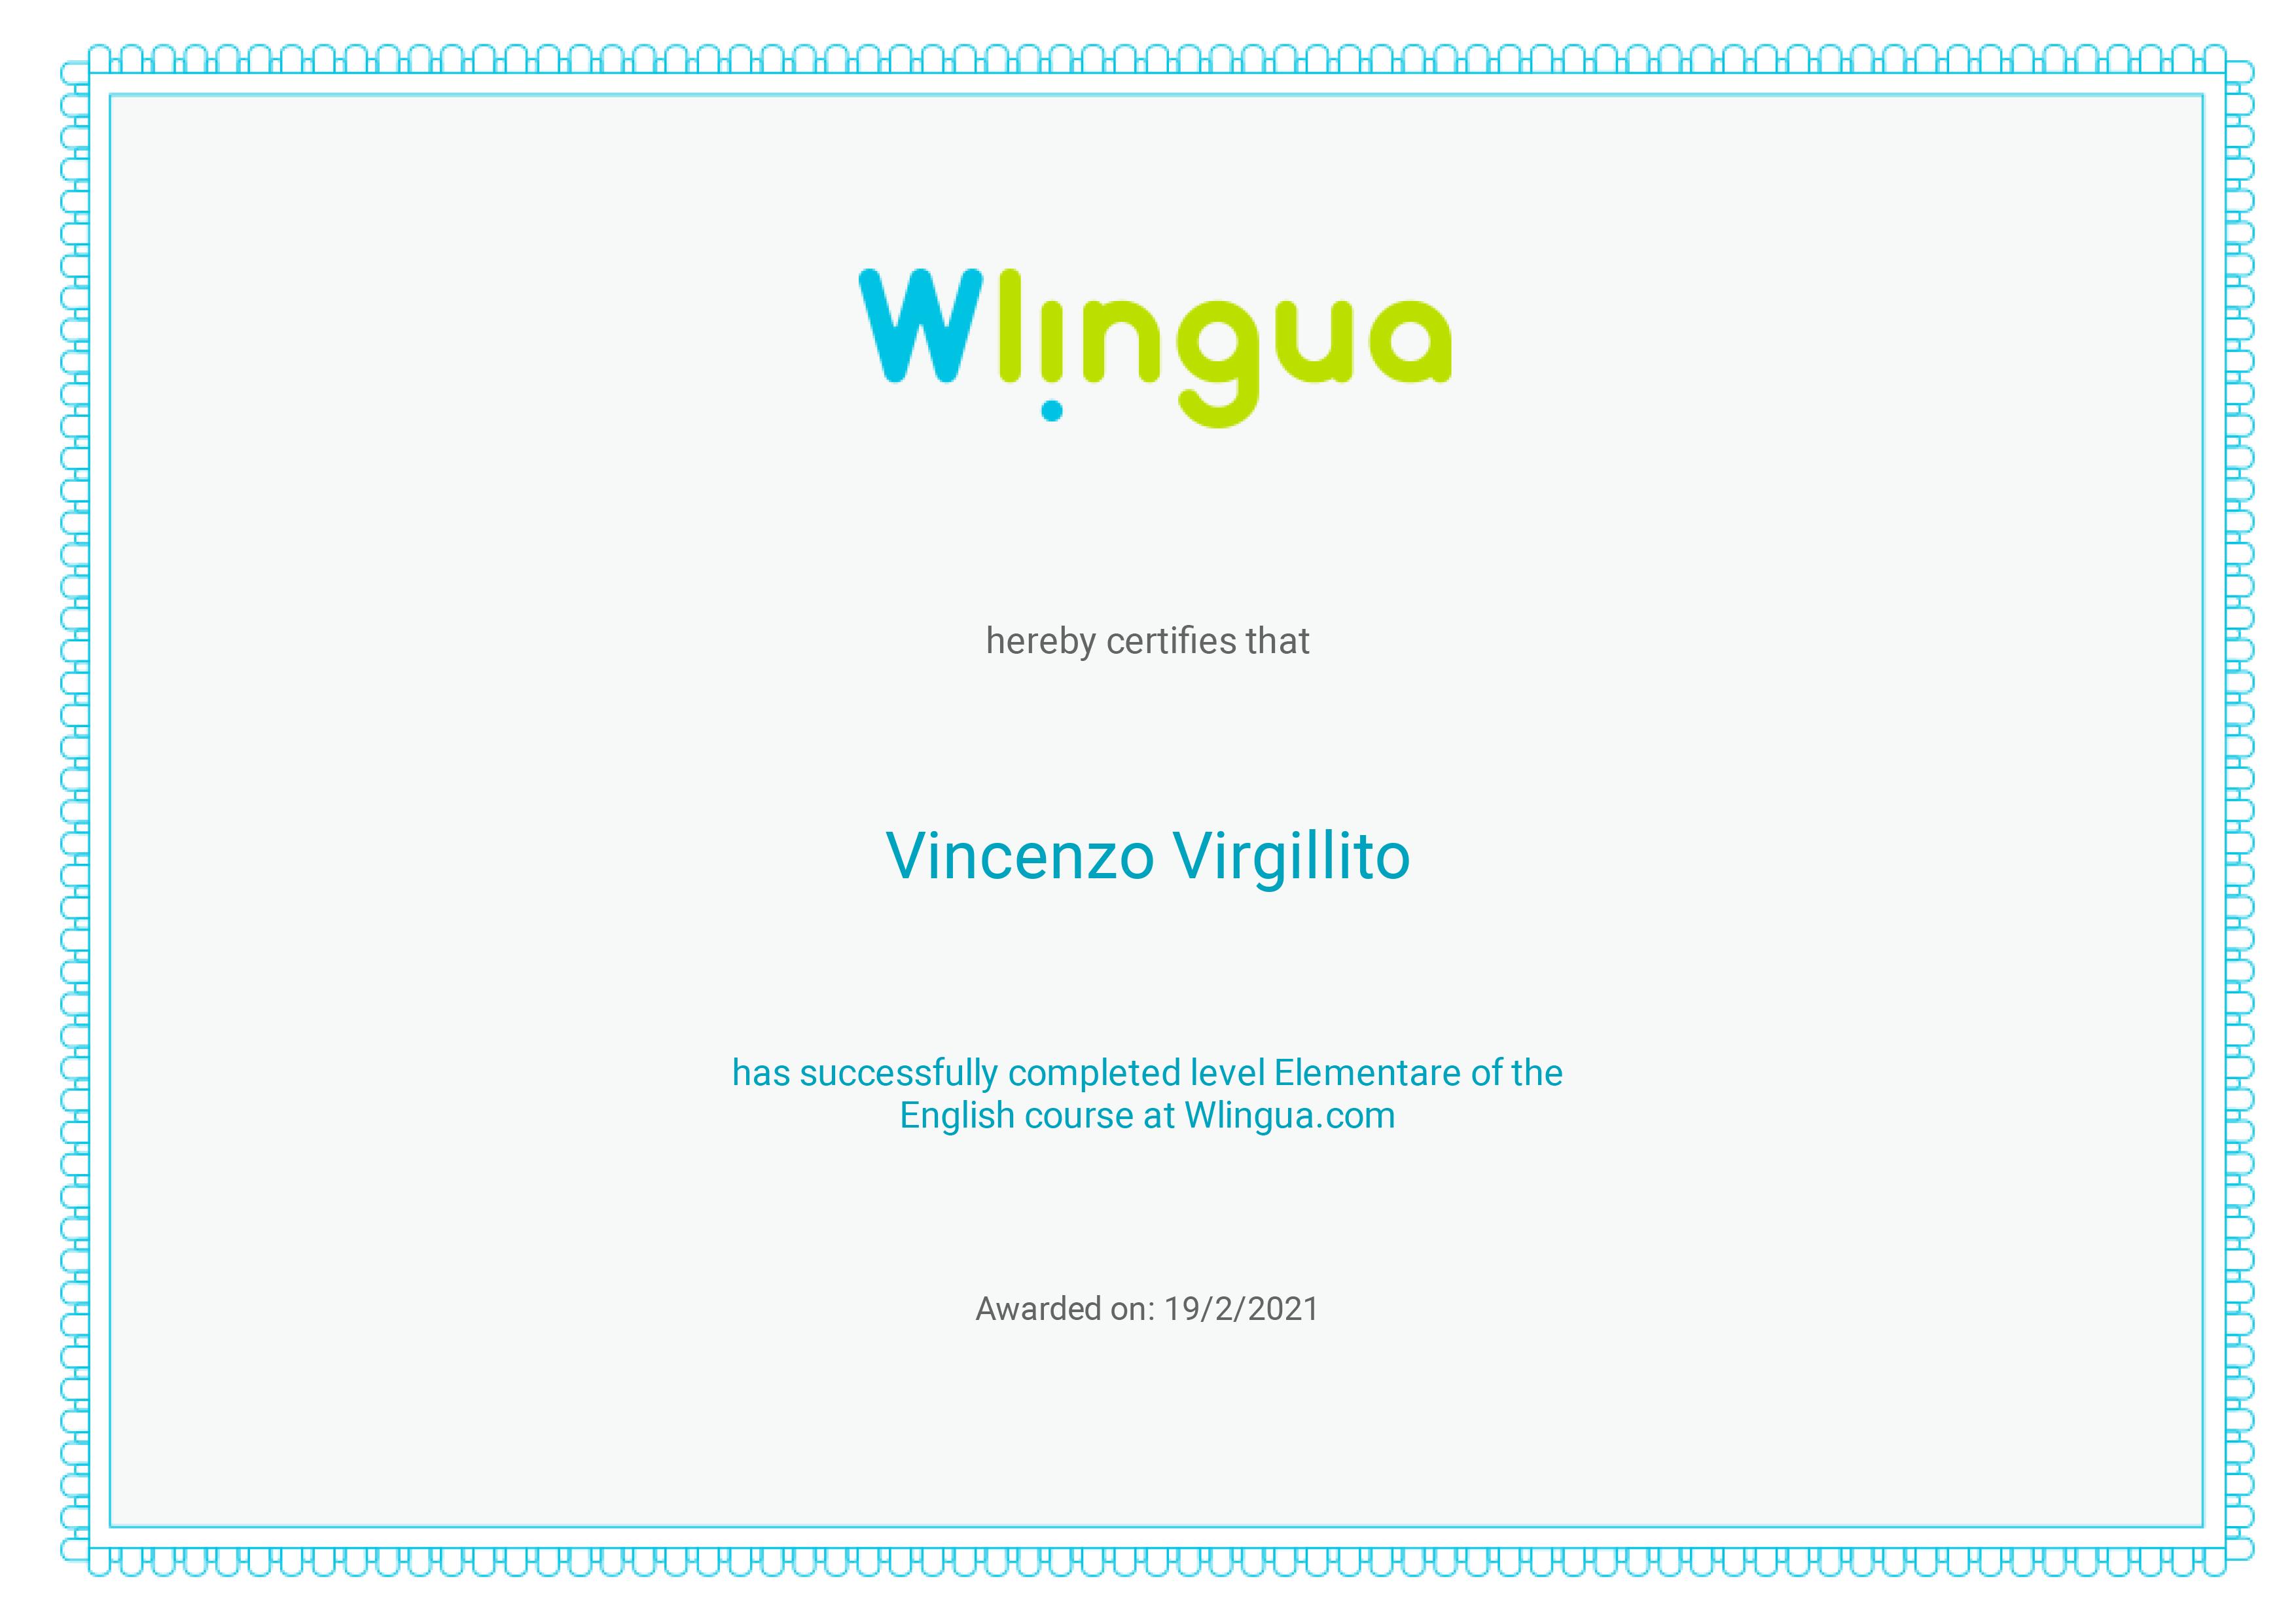 Certificato-Wlingua-A2